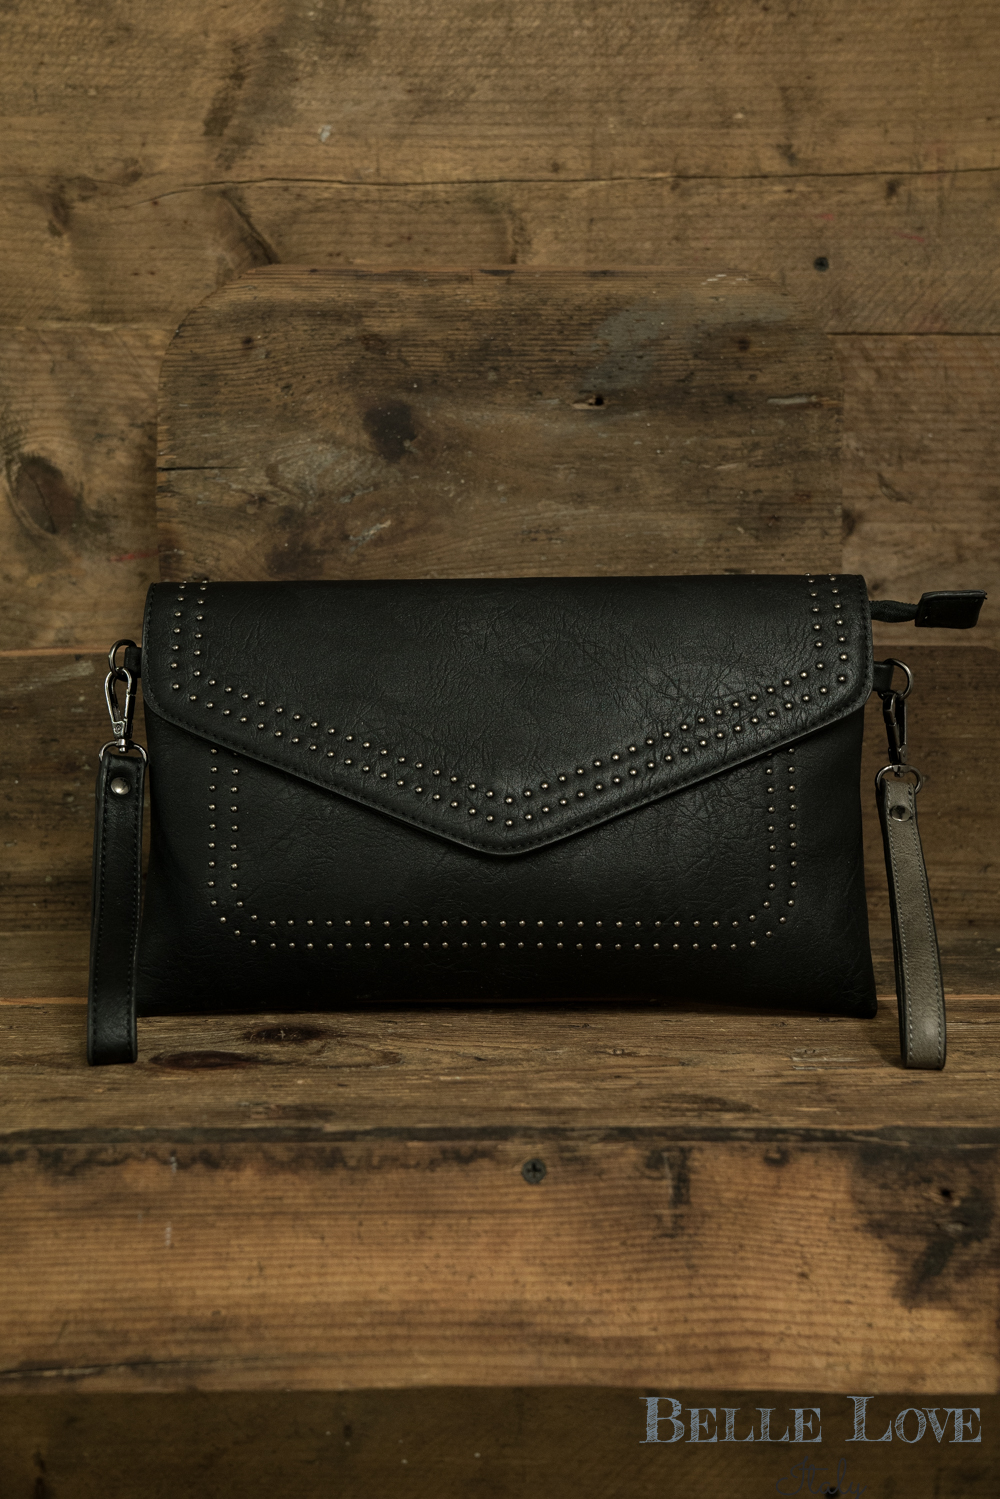 Belle Love Italy Black Studded Envelope Clutch Bag